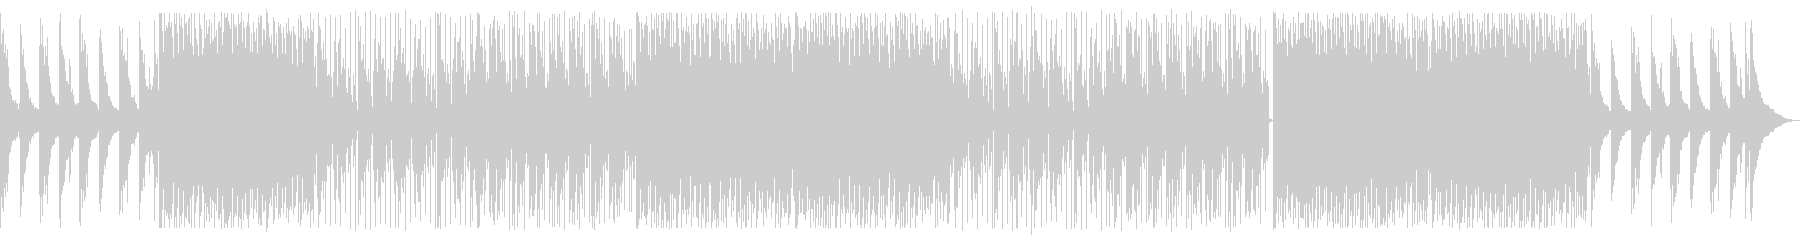 エモーショナルなエレクトロ(メロなし)の未再生の波形